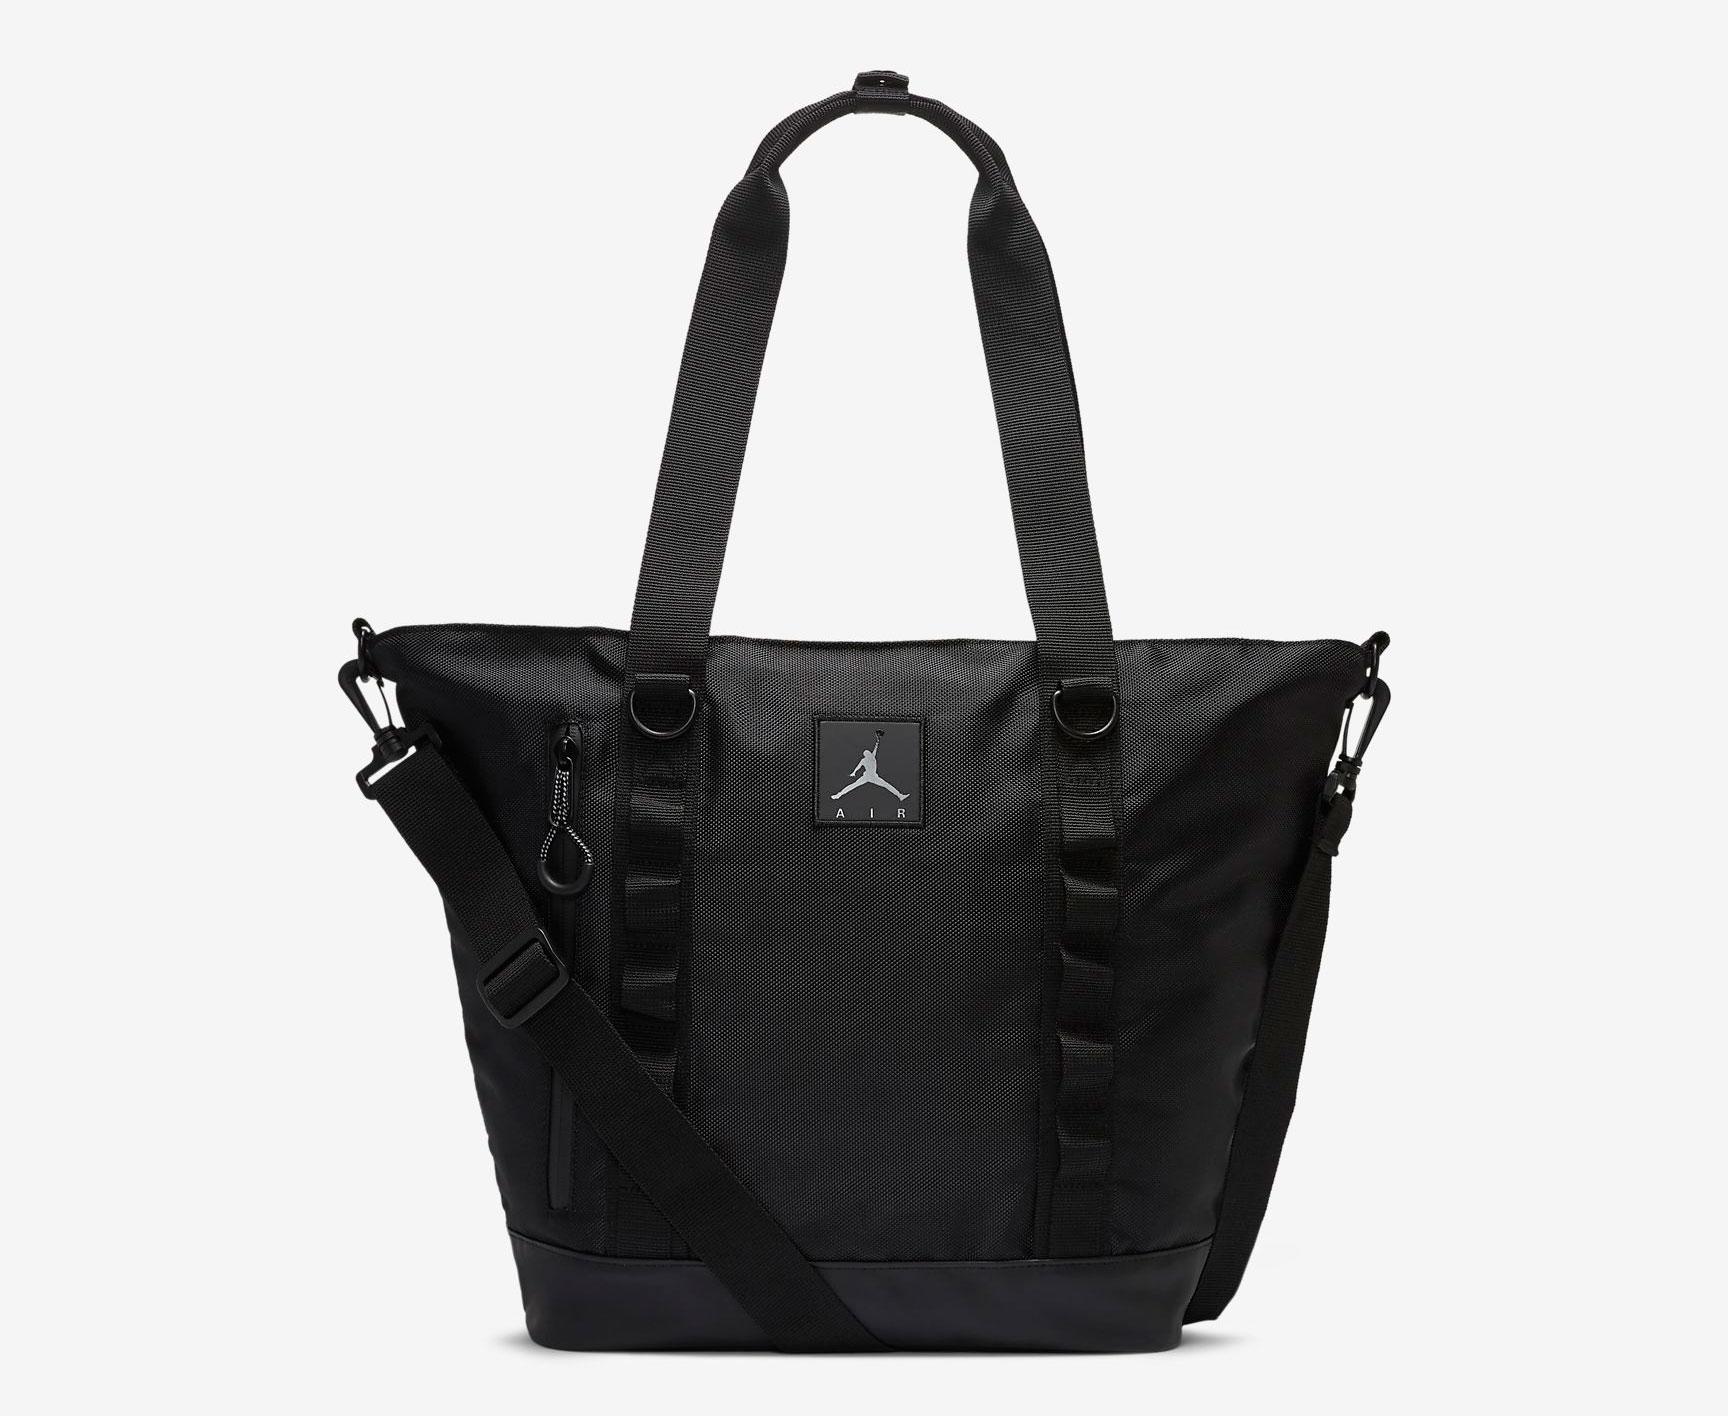 jordan-womens-black-tote-bag